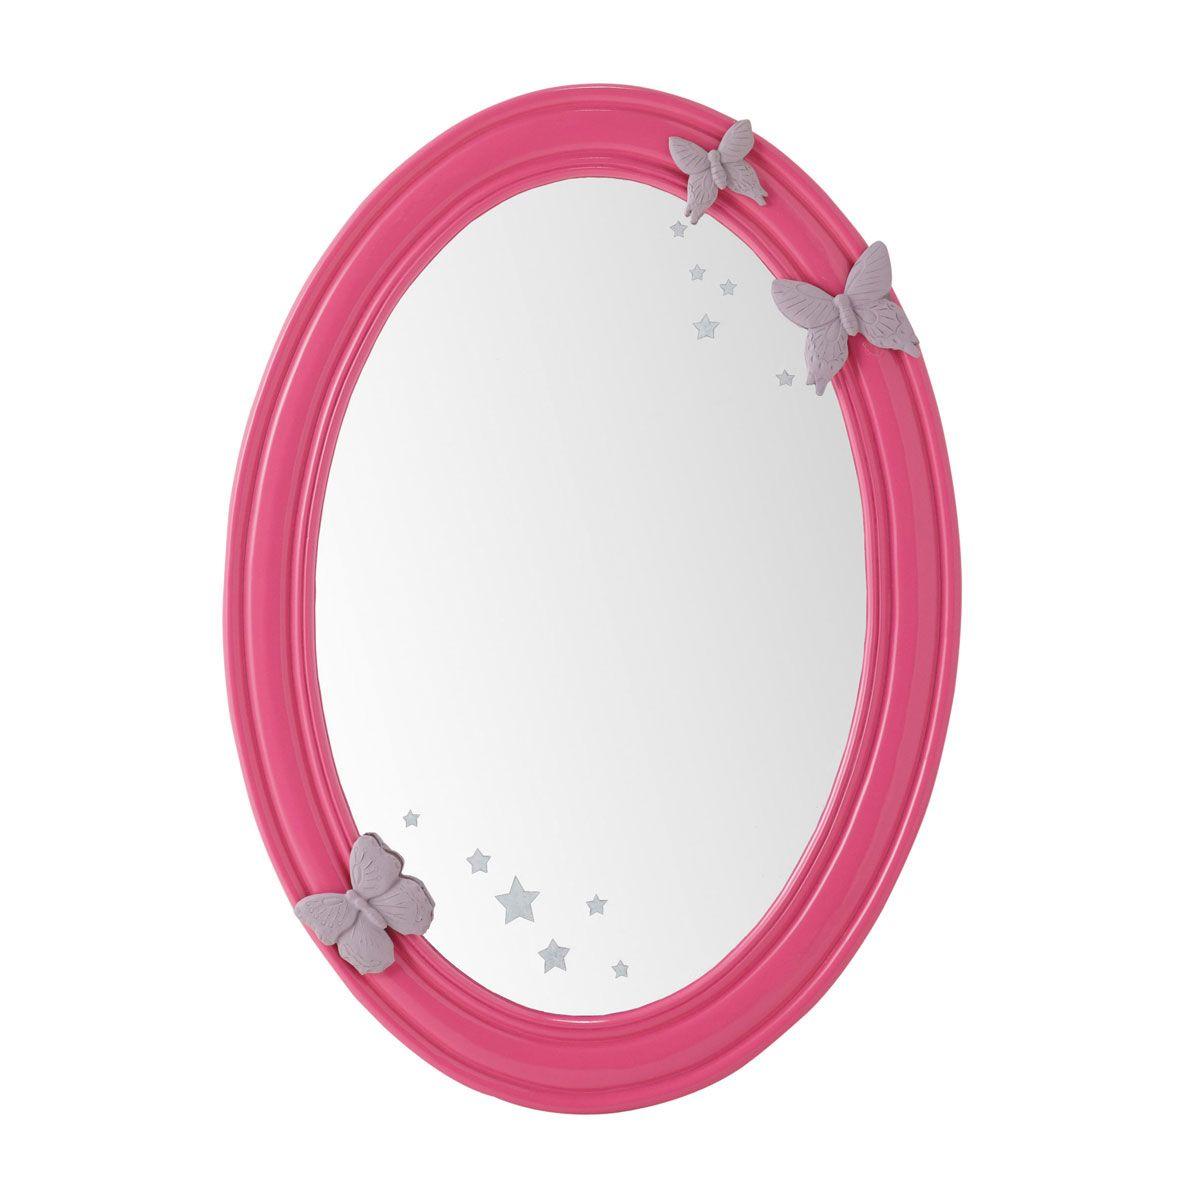 Miroir enfant Poetik | Bébé | Pinterest | Miroirs, Enfants et Deco ...